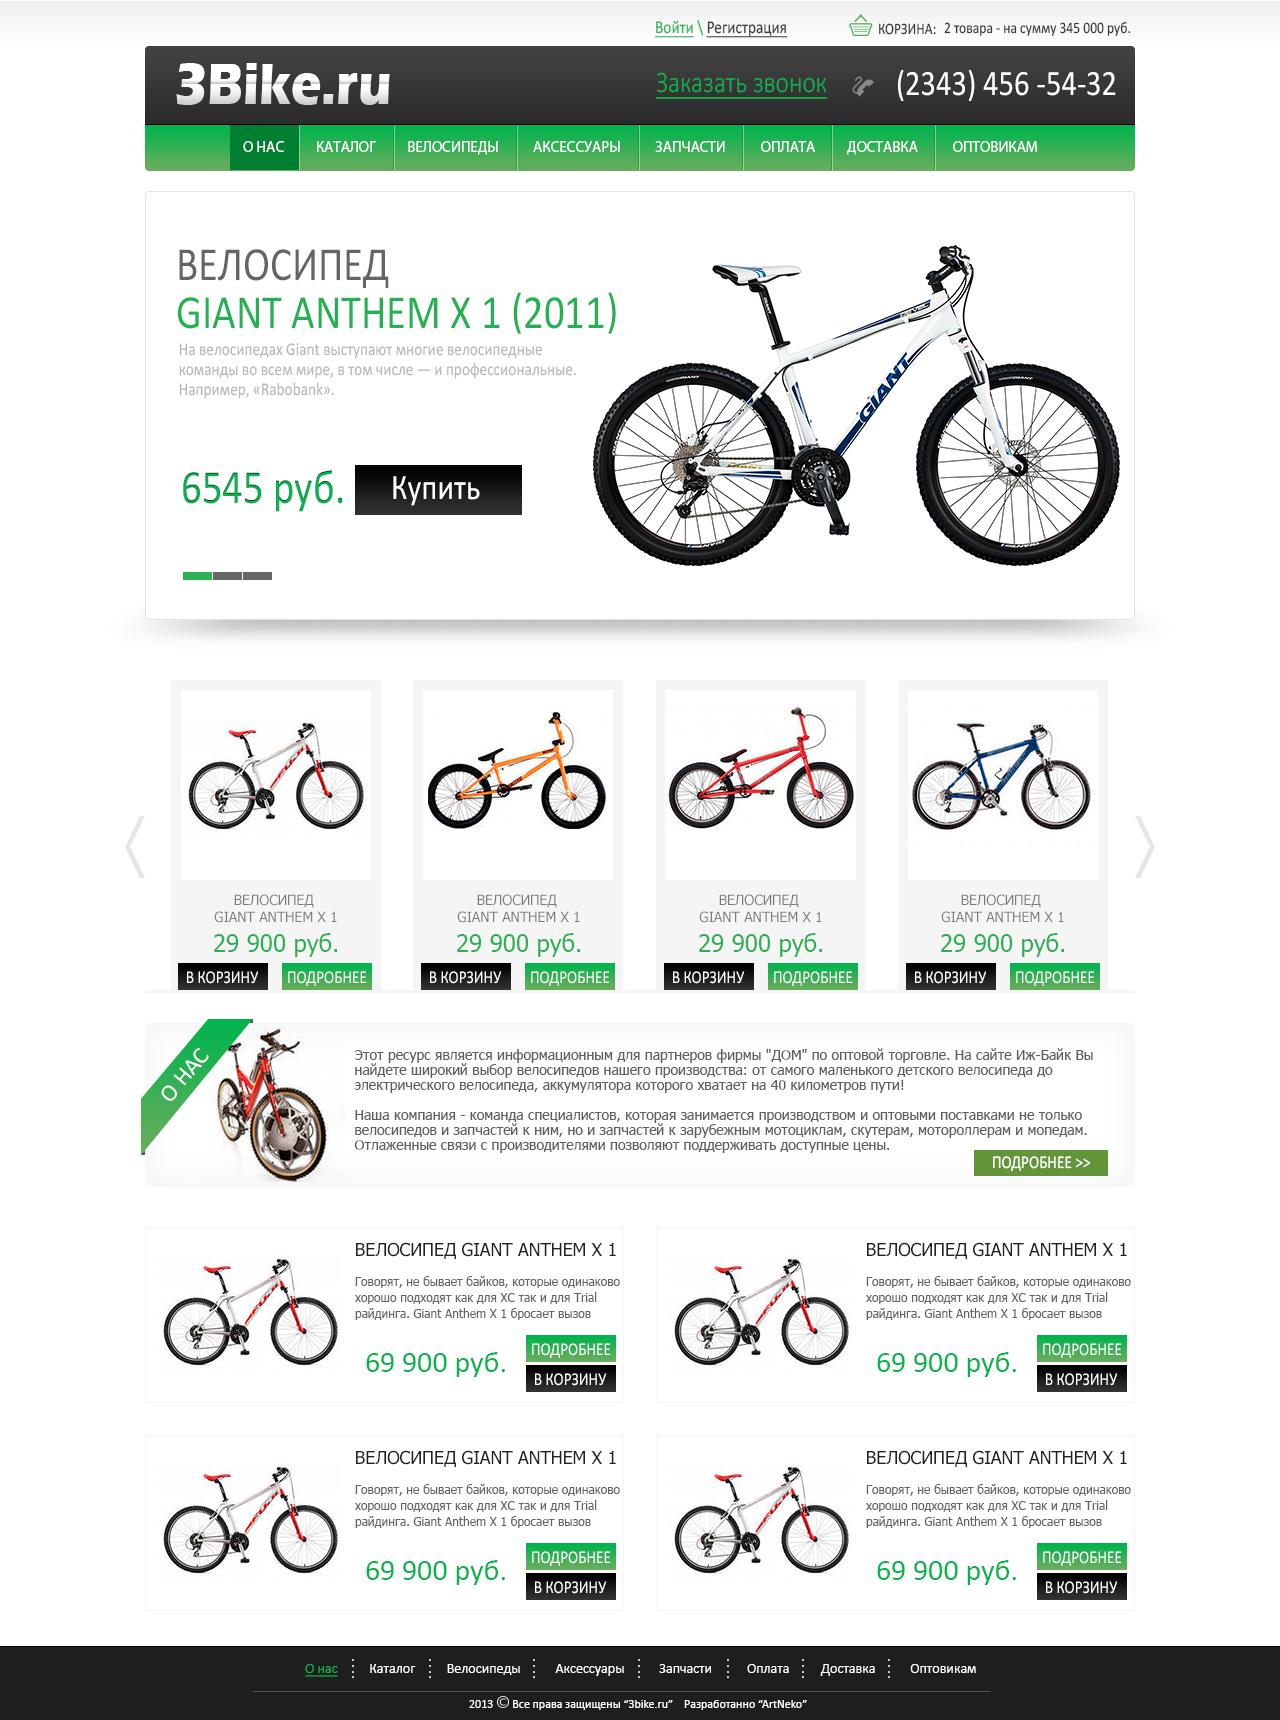 3-Bike